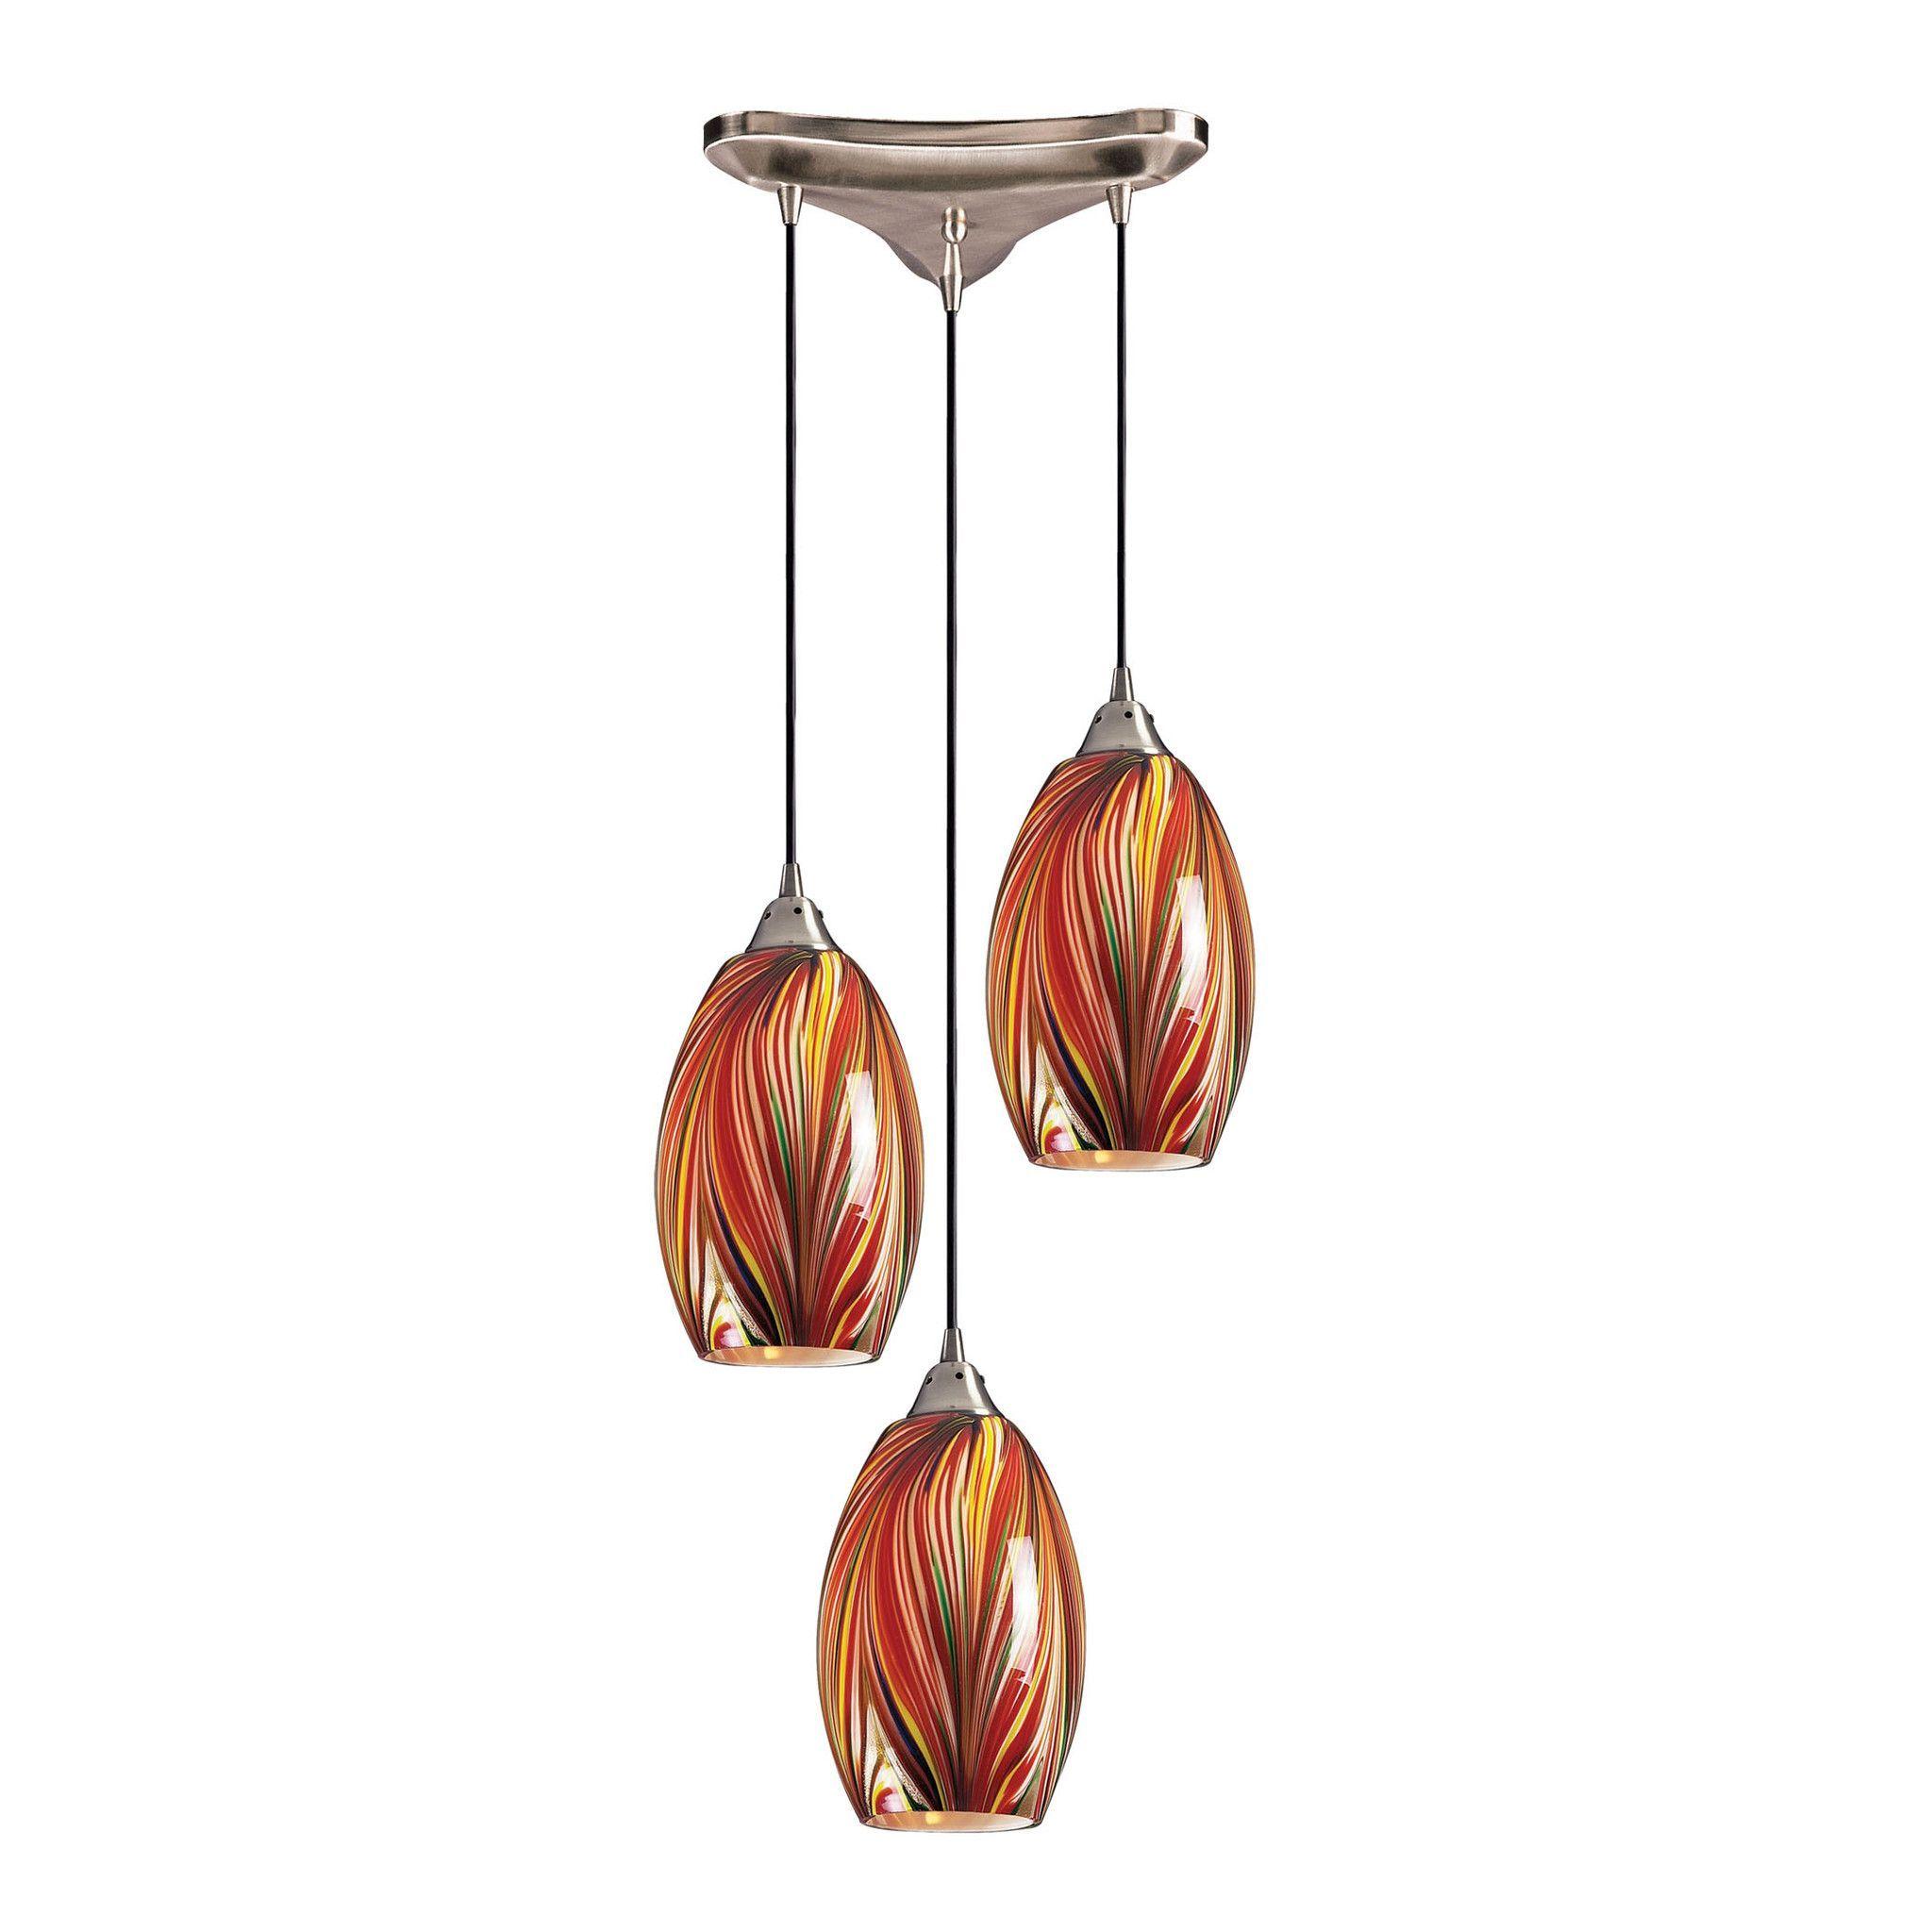 Mulinello 3 Light Pendant In Satin Nickel And Multicolor Glass.